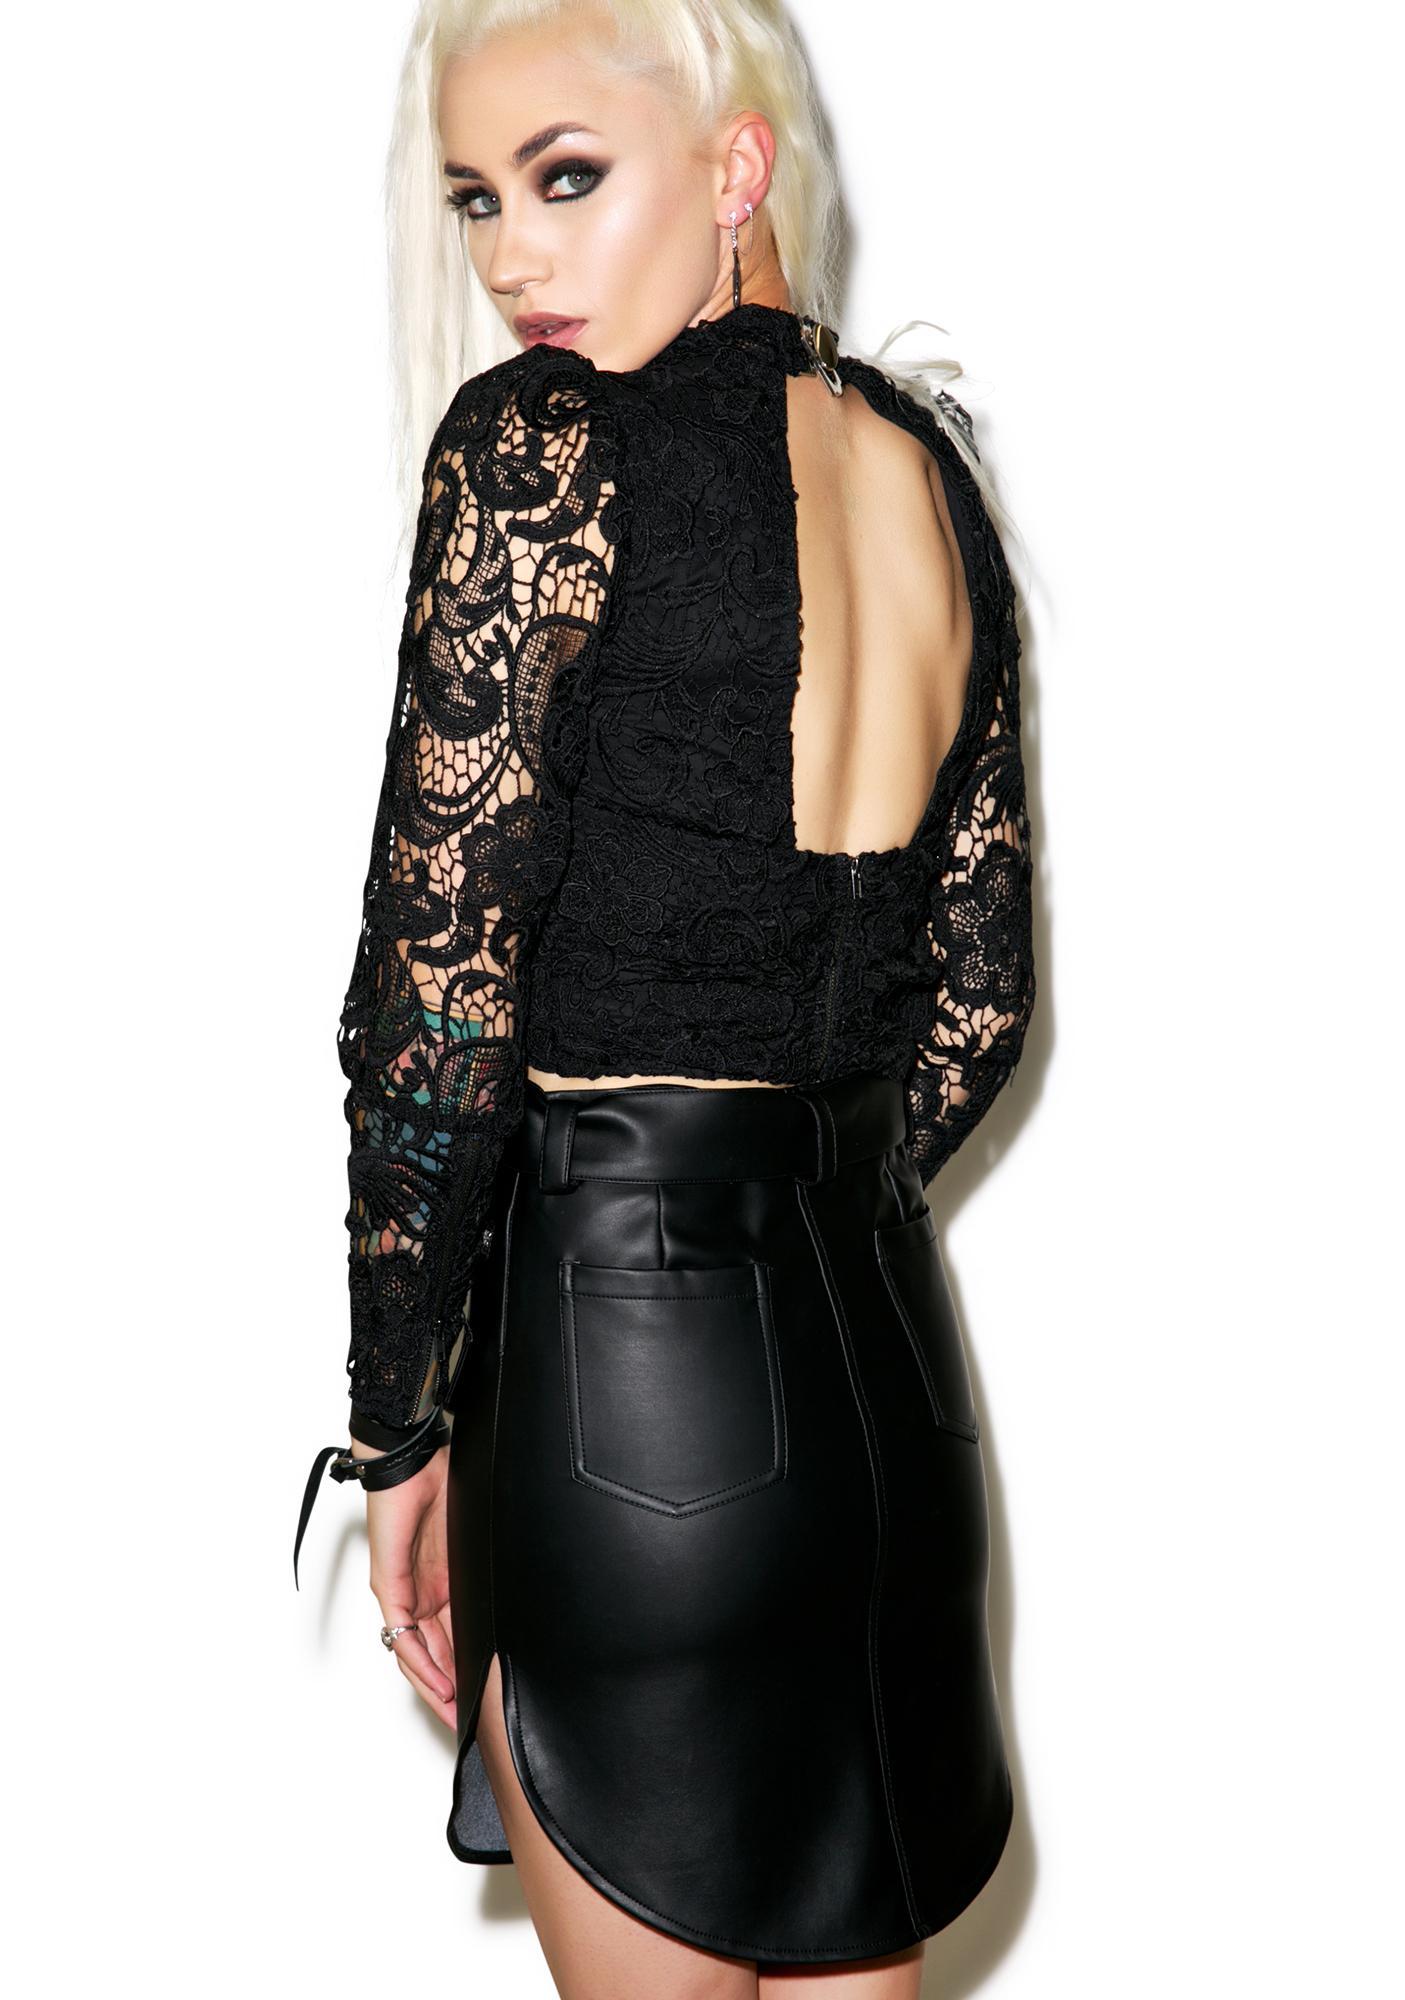 Nightwalker Outlaw Leather Skirt